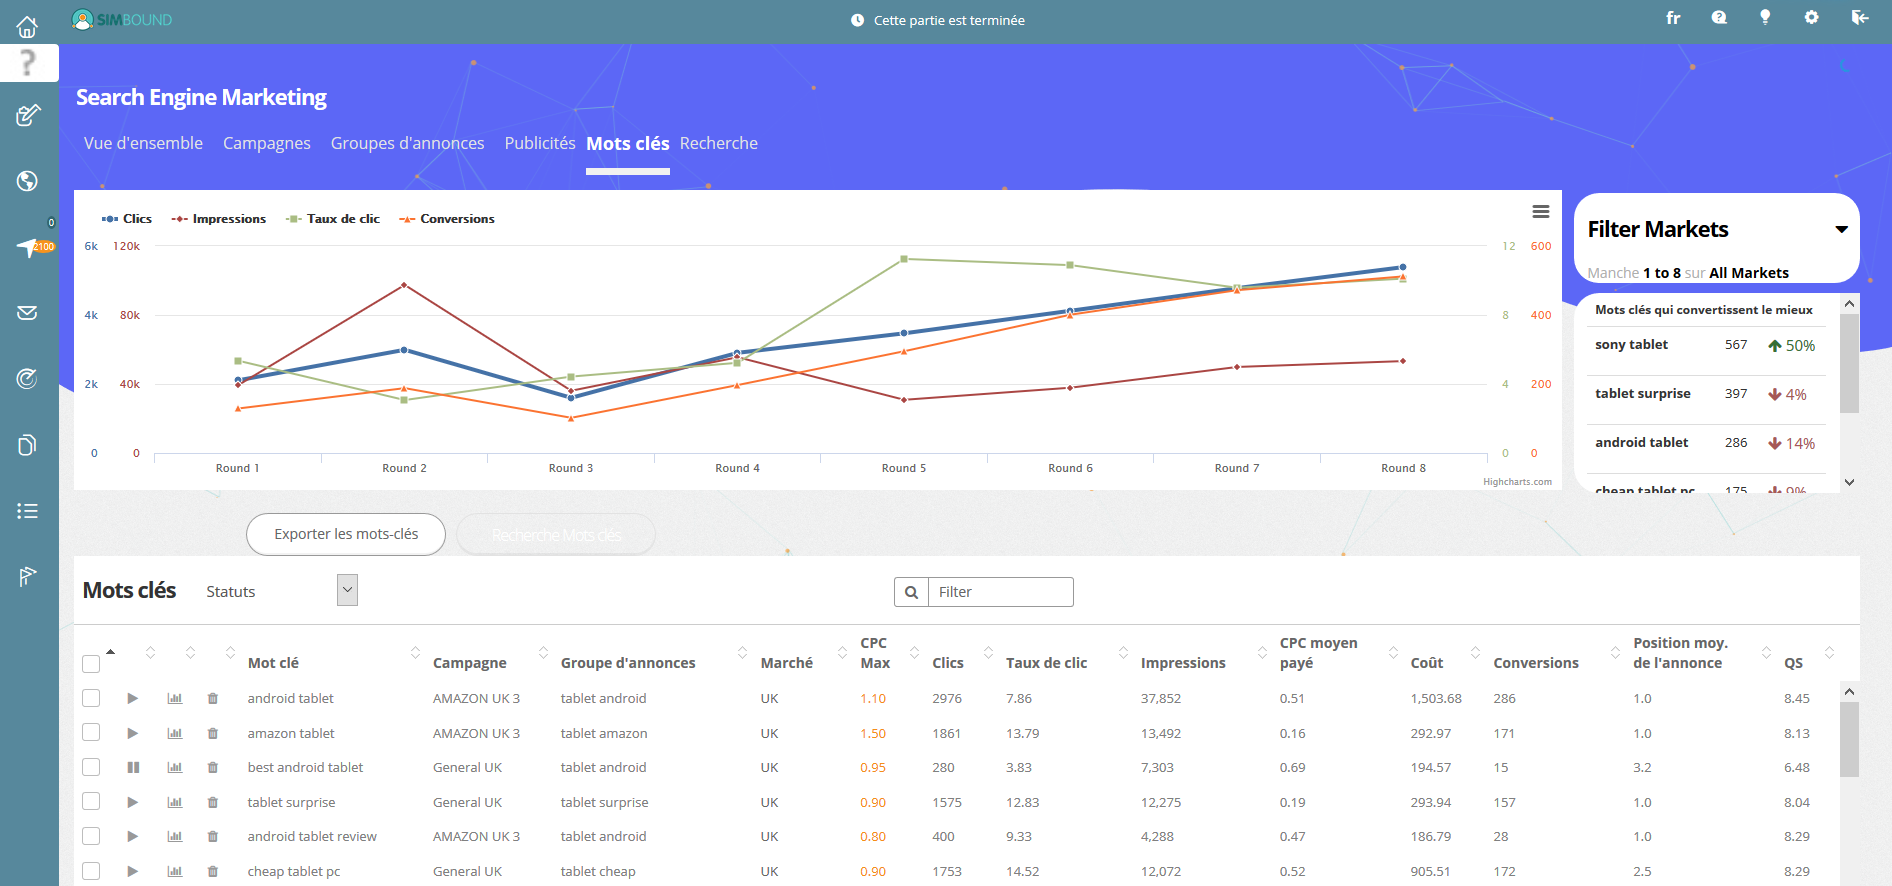 Simulation de gestion d'entreprise en référencement et publicité digitale pour un site e-commerce